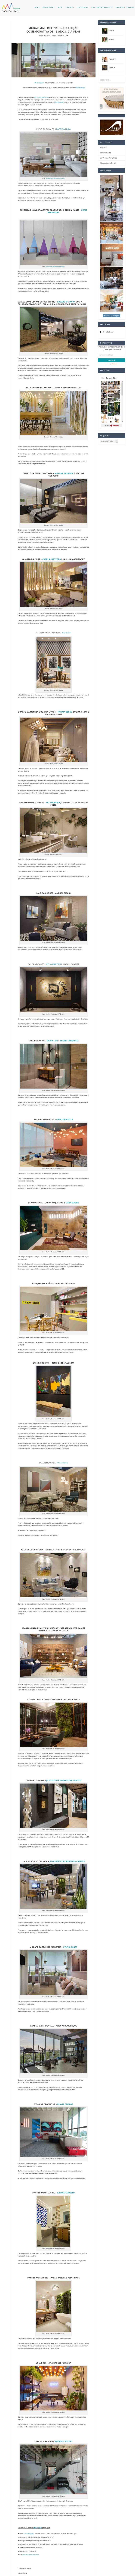 NOVOS TALENTOS BRASILEIROS na revista digital Conexão Décor em 2 de agosto de 2018